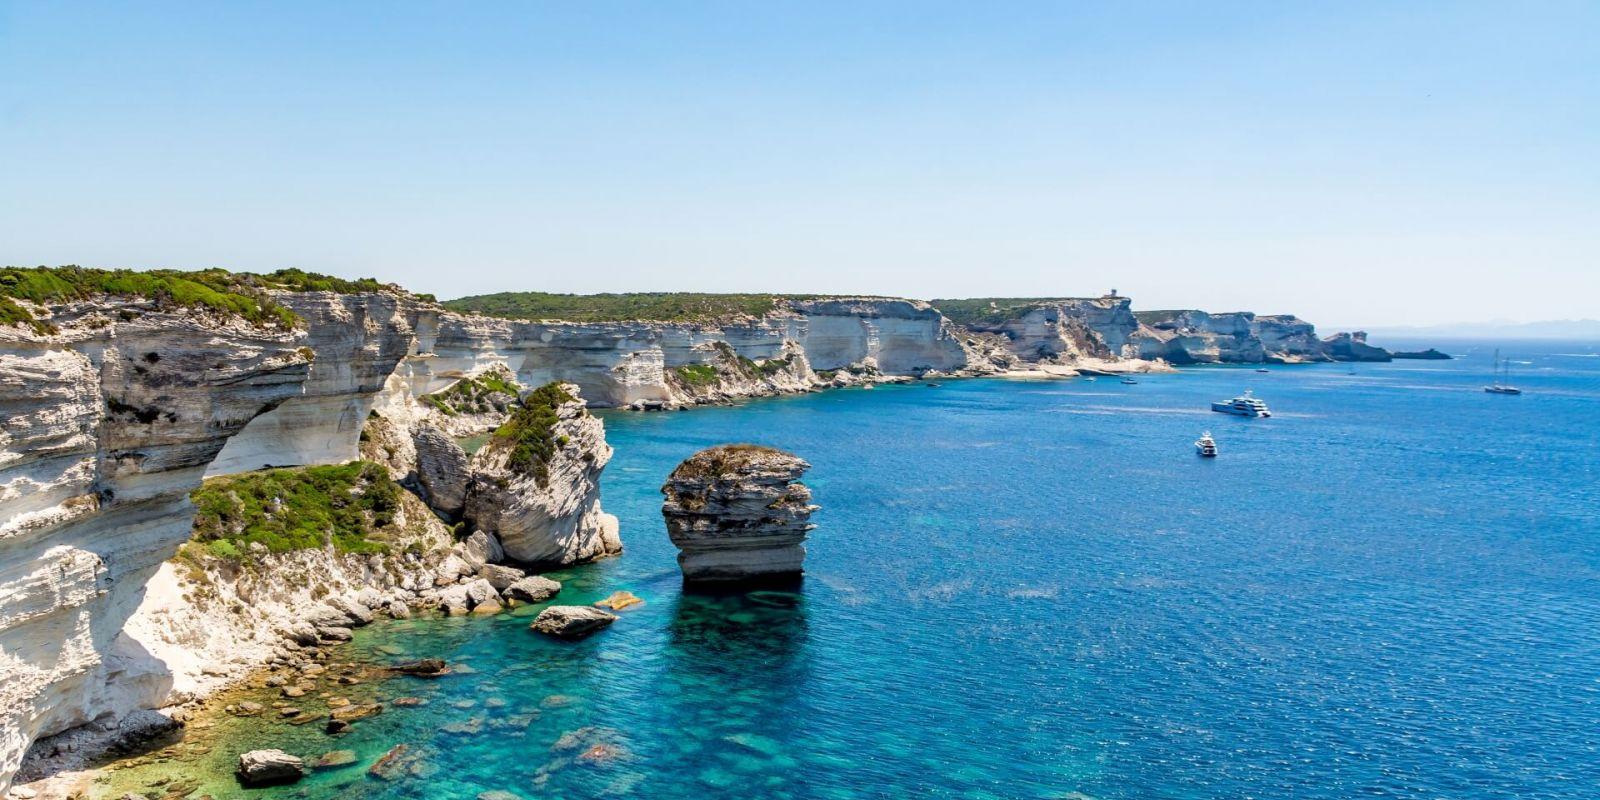 https://www.talamare.fr/medias/Panorama des falaises de Bonifacio lors d'une location de yacht en Corse